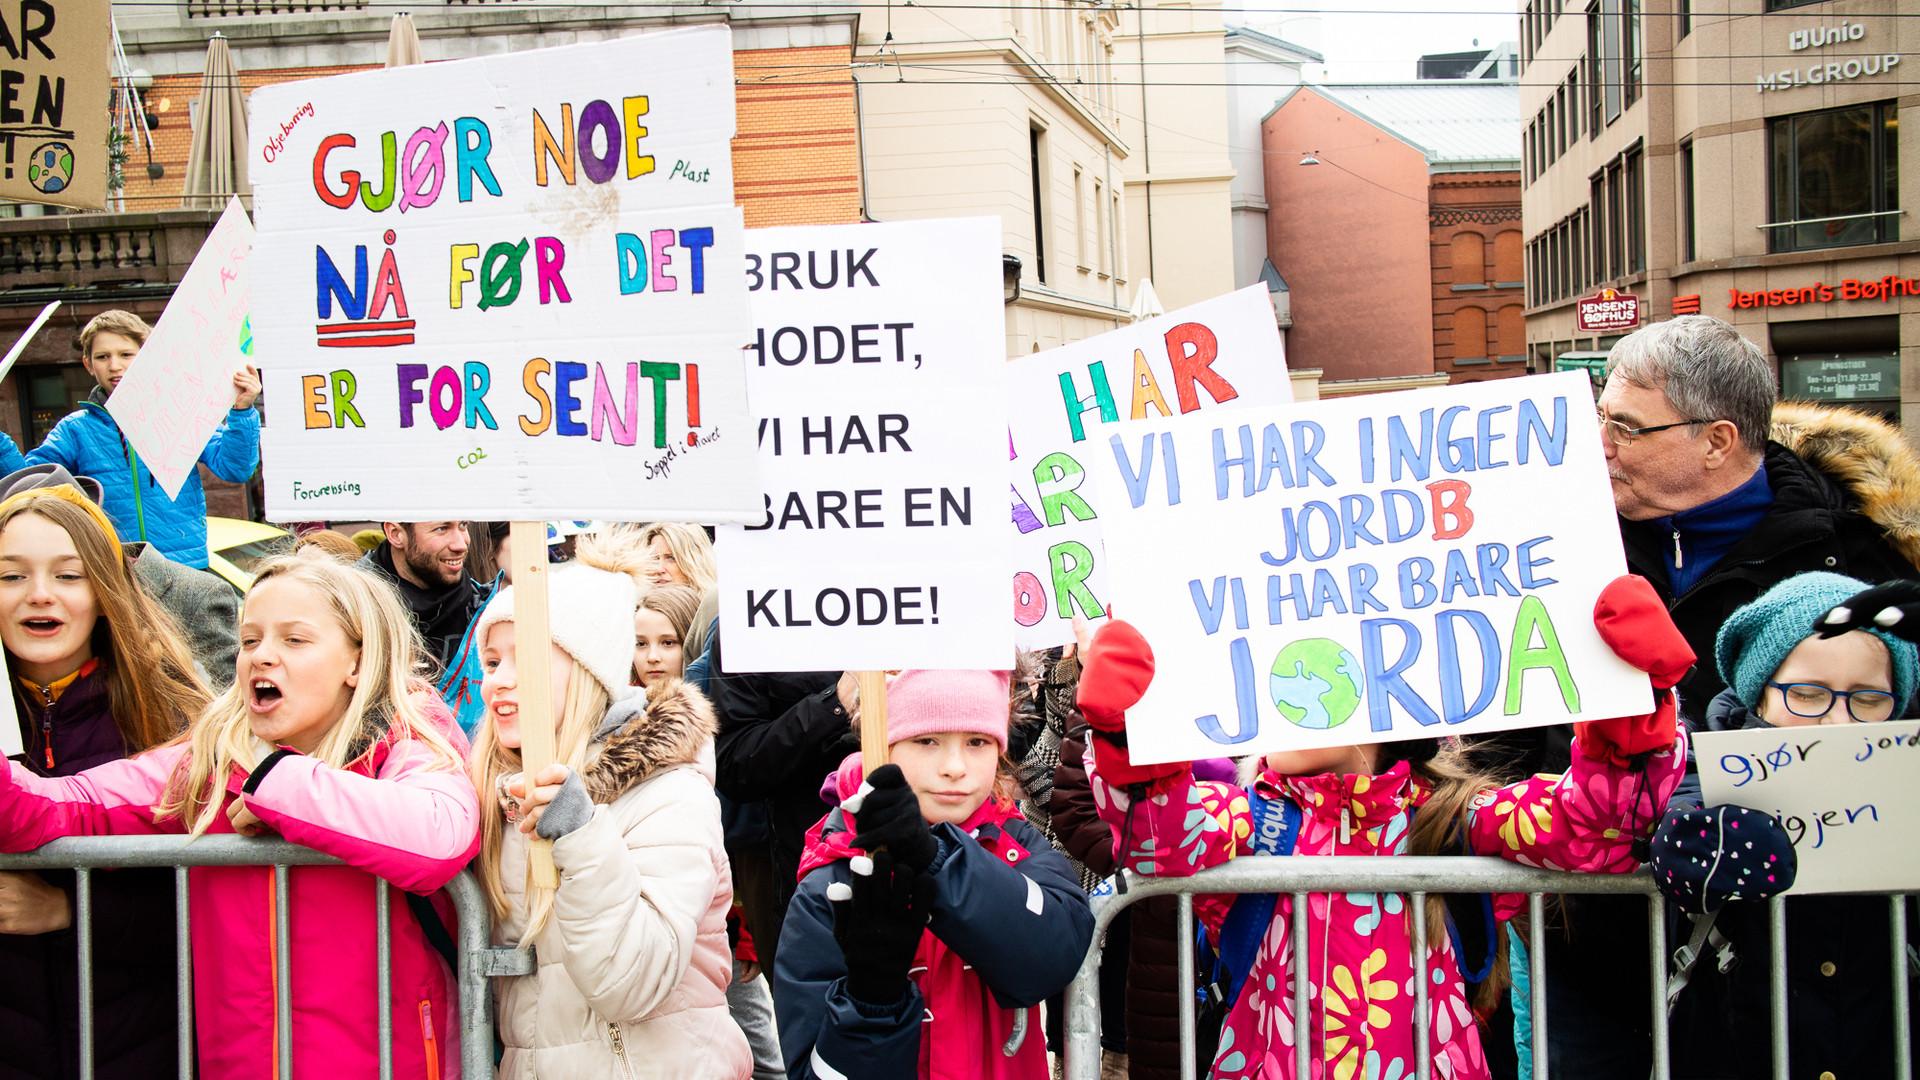 「声をあげよう」変化する北欧の抗議活動とSNSの影響力、過激な言論は主催者の悩みの種にも(鐙麻樹) - 個人 - Yahoo!ニュース